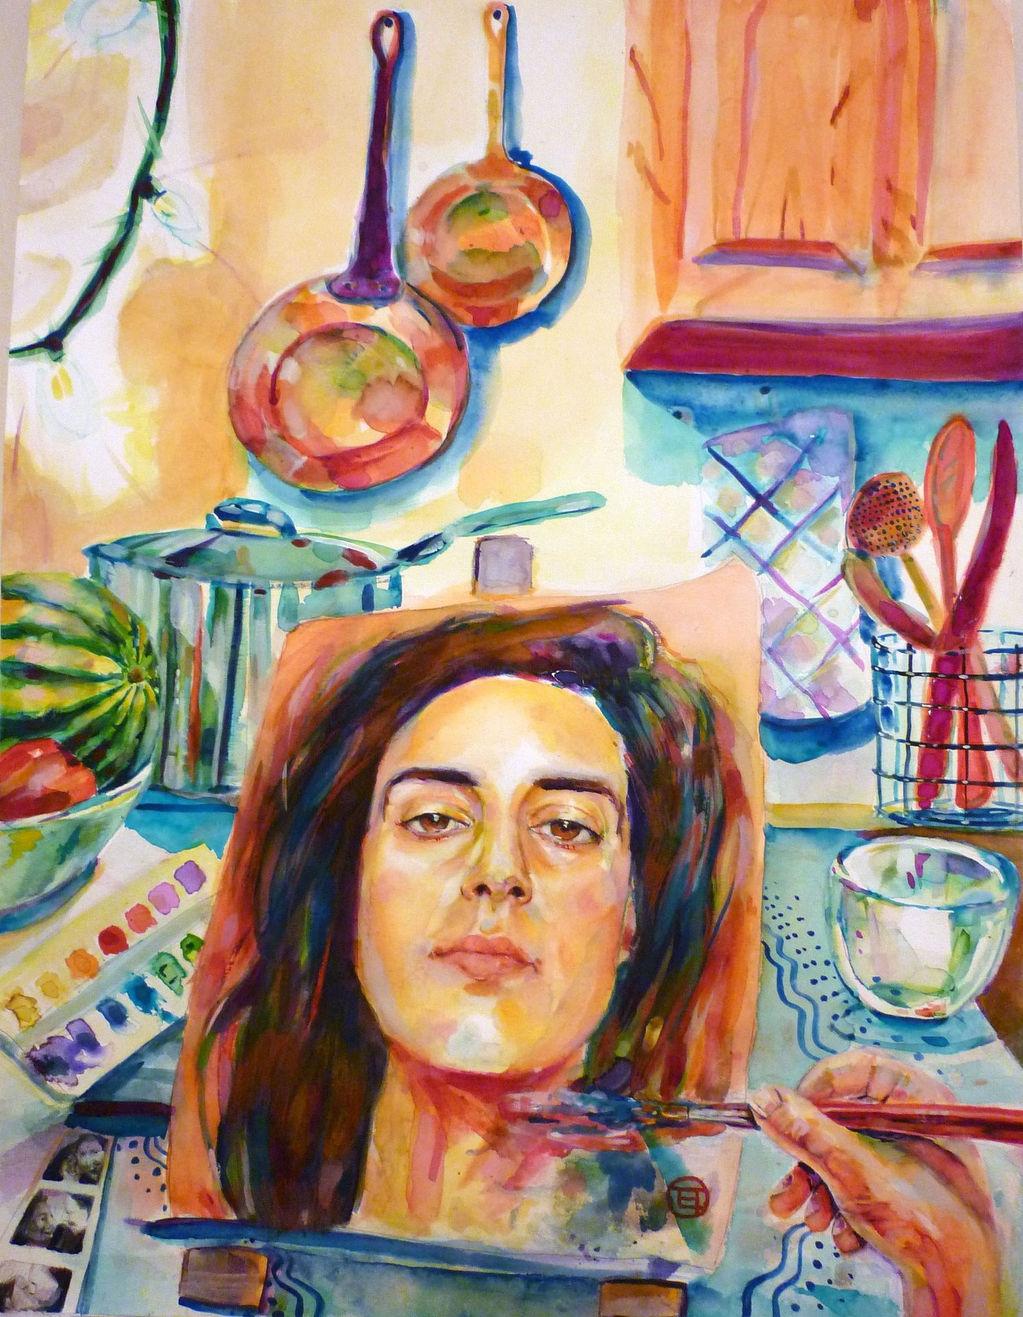 Lge Self Portrait